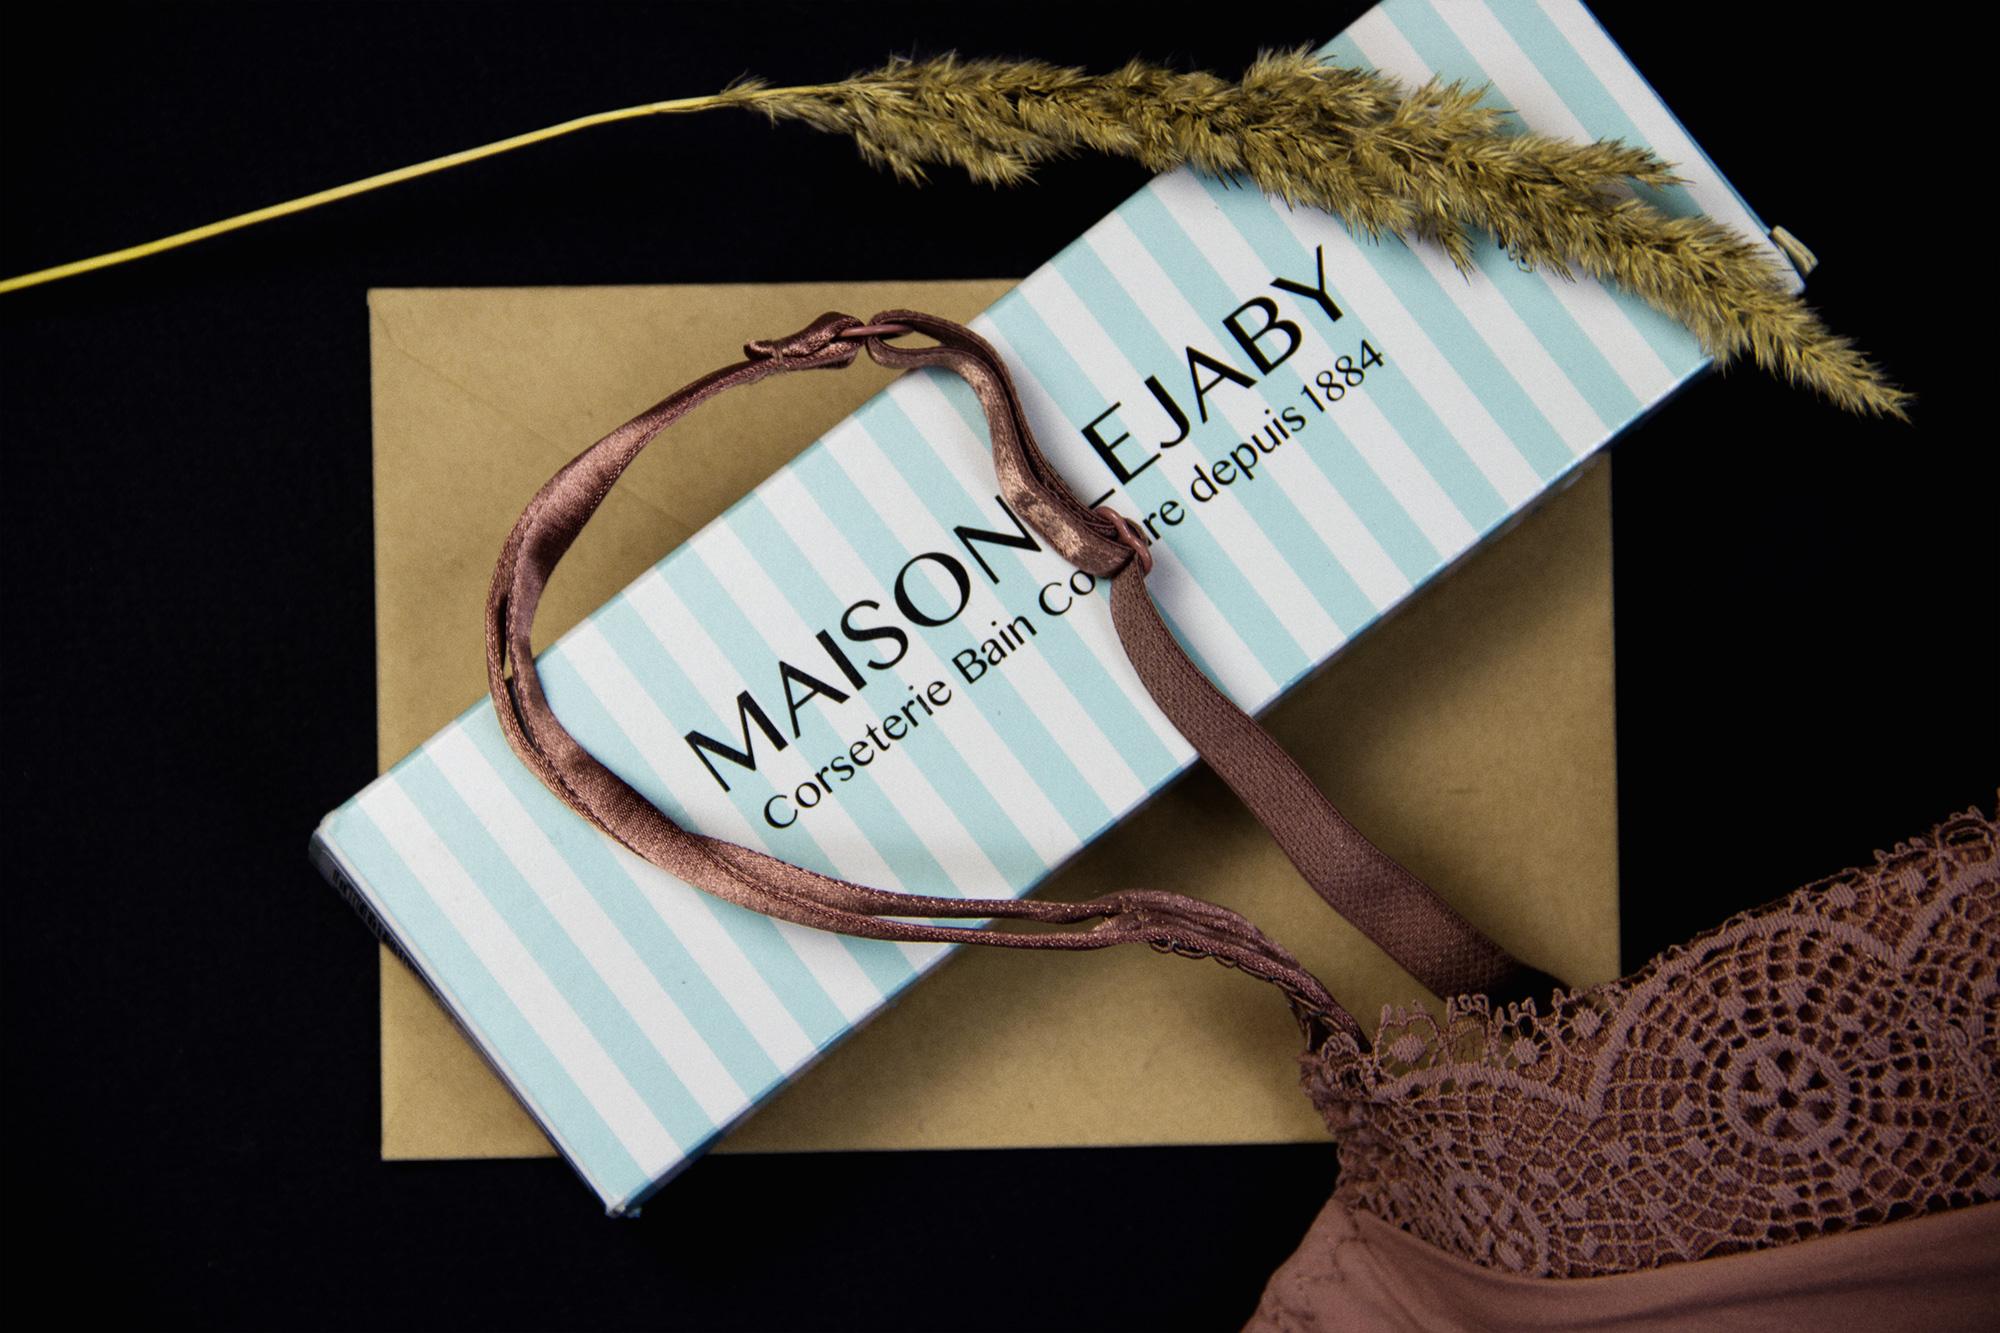 Обзор французского нижнего белья Maison Lejaby и русского интернет-магазина Best-elle